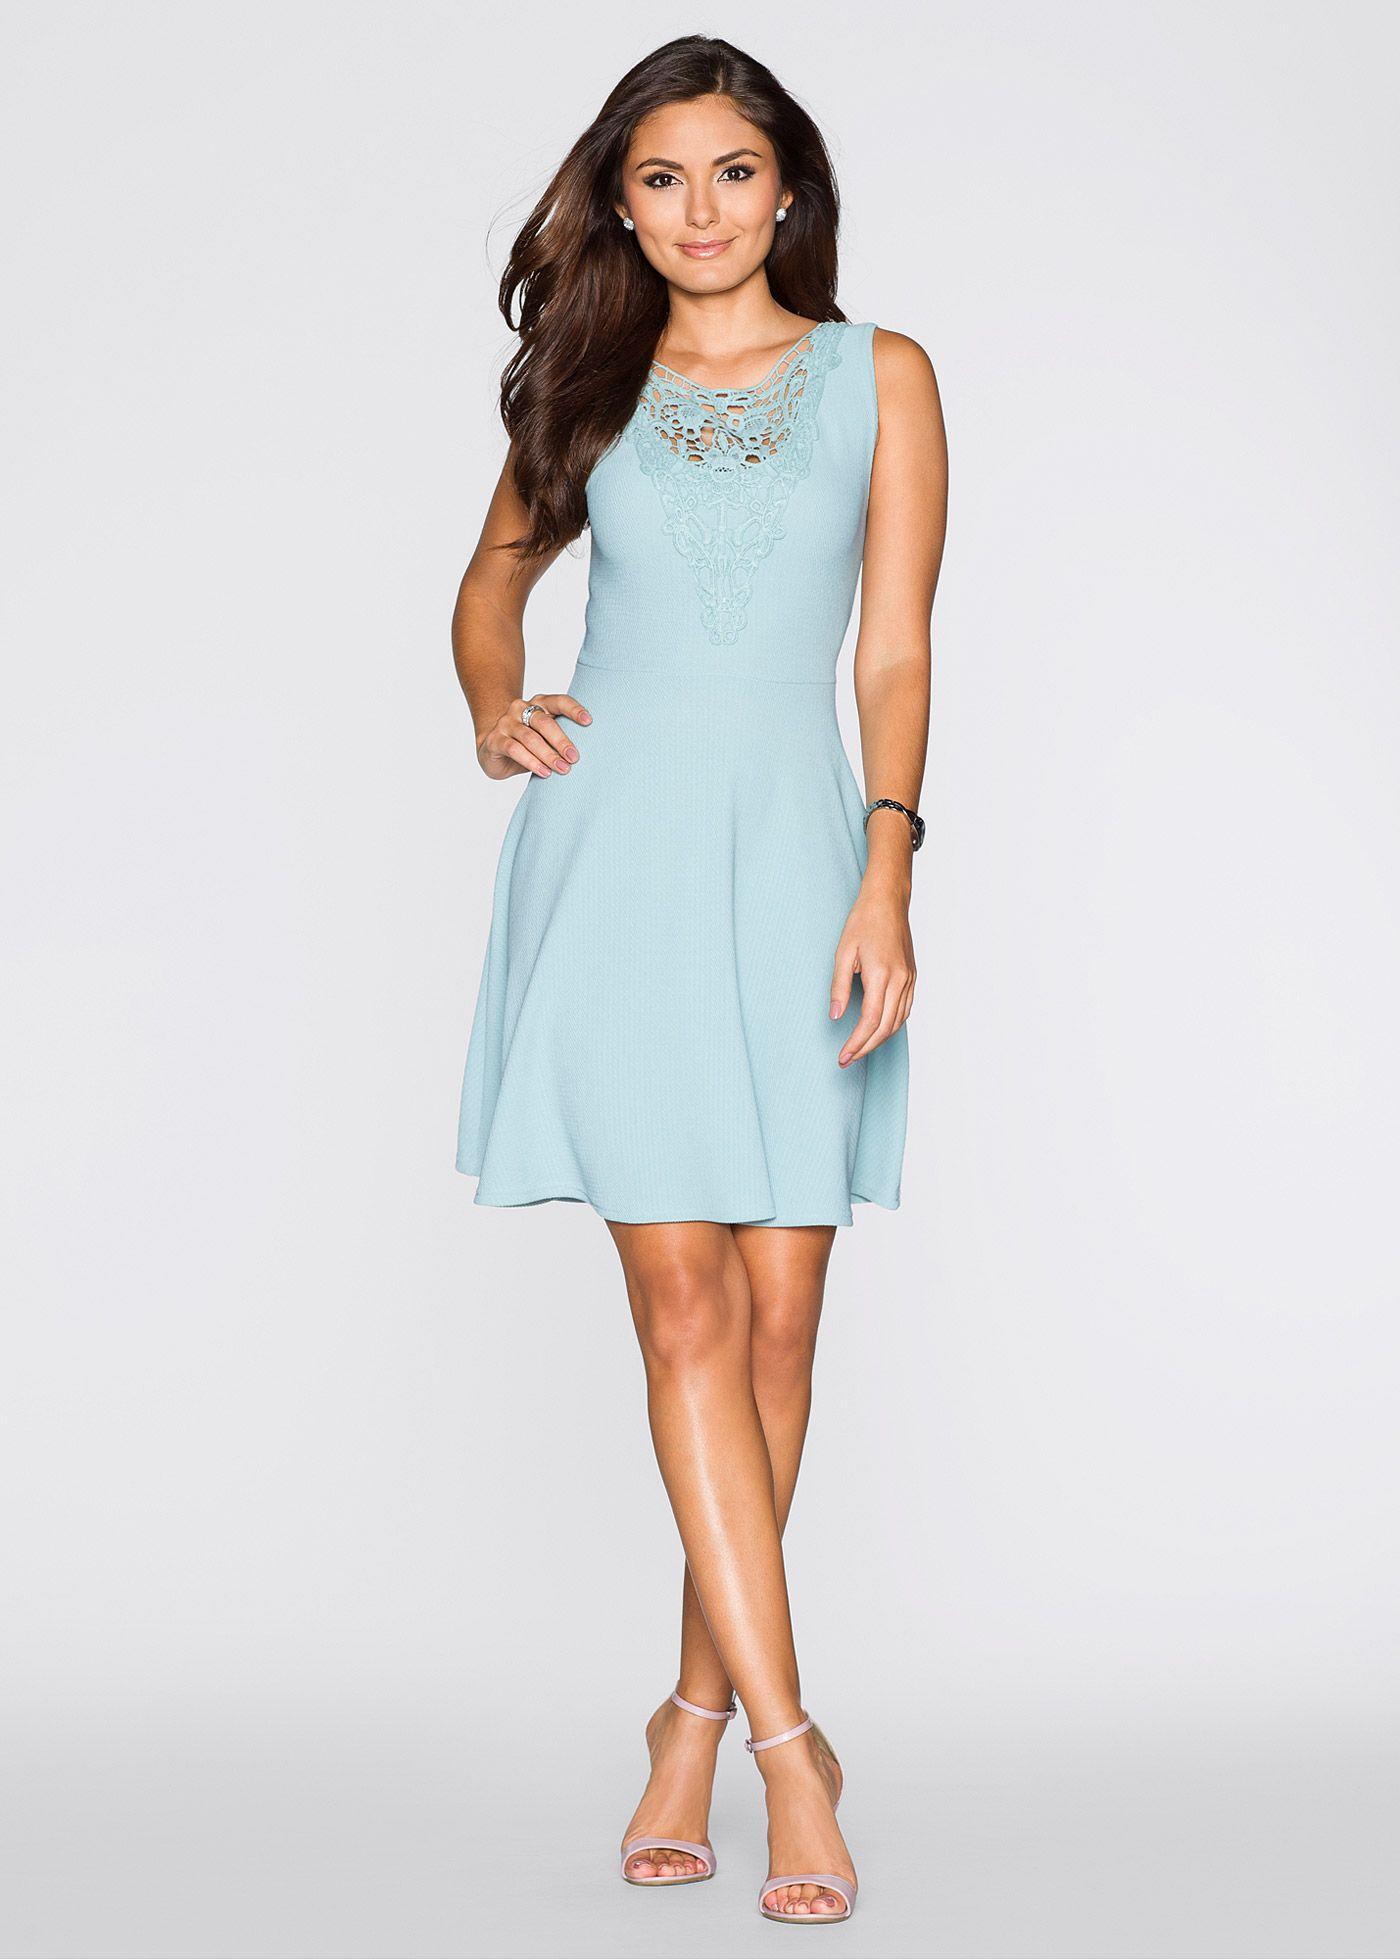 Spitzenverziertes Kleid mit ausgestelltem Rock   Spitze, schickes ...